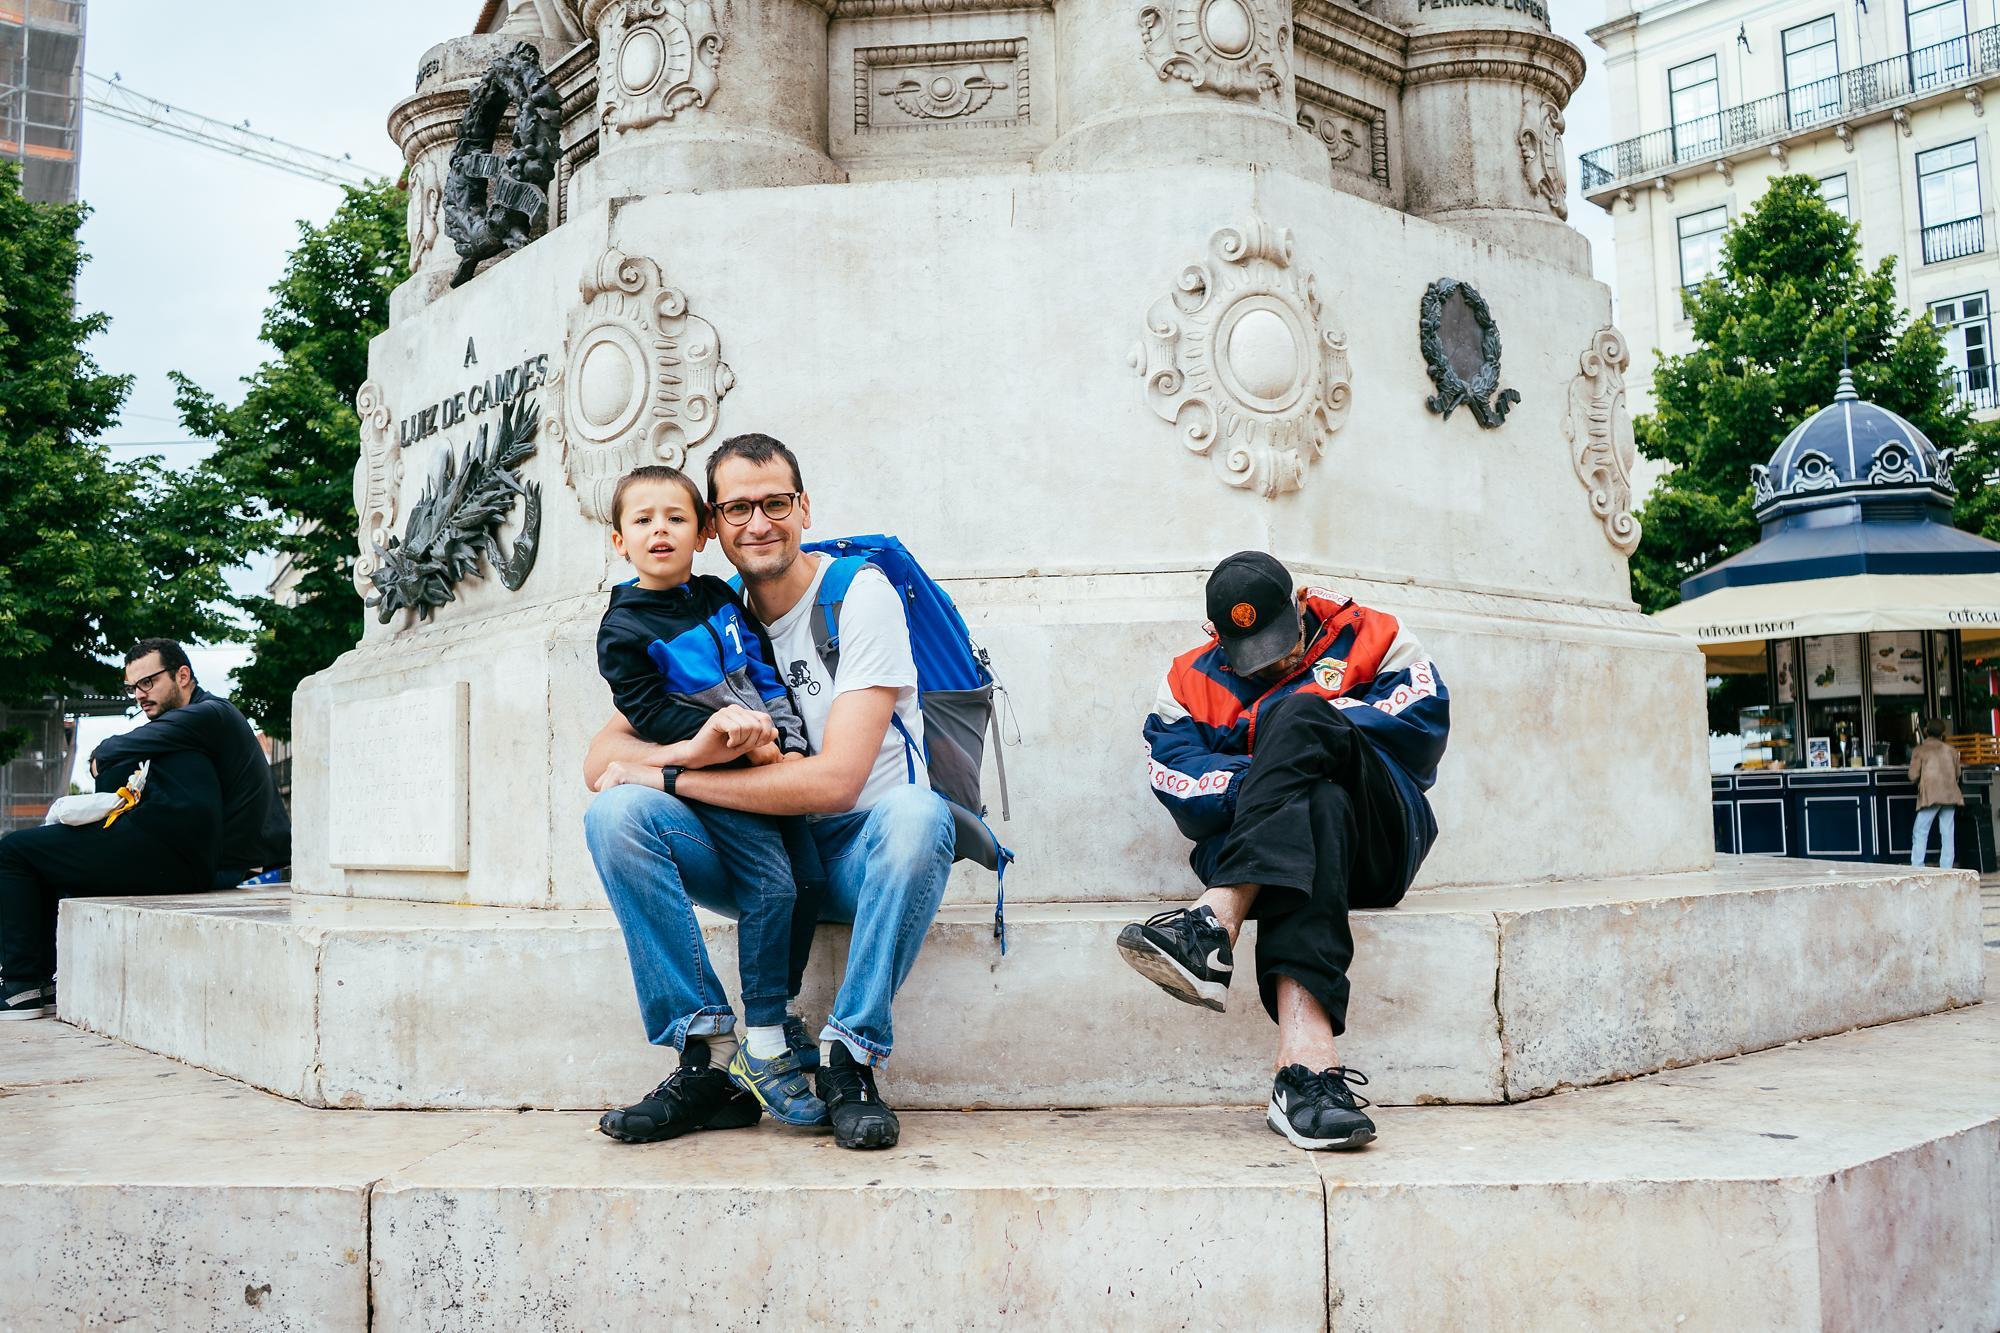 Portugal-familytravel-14.jpg